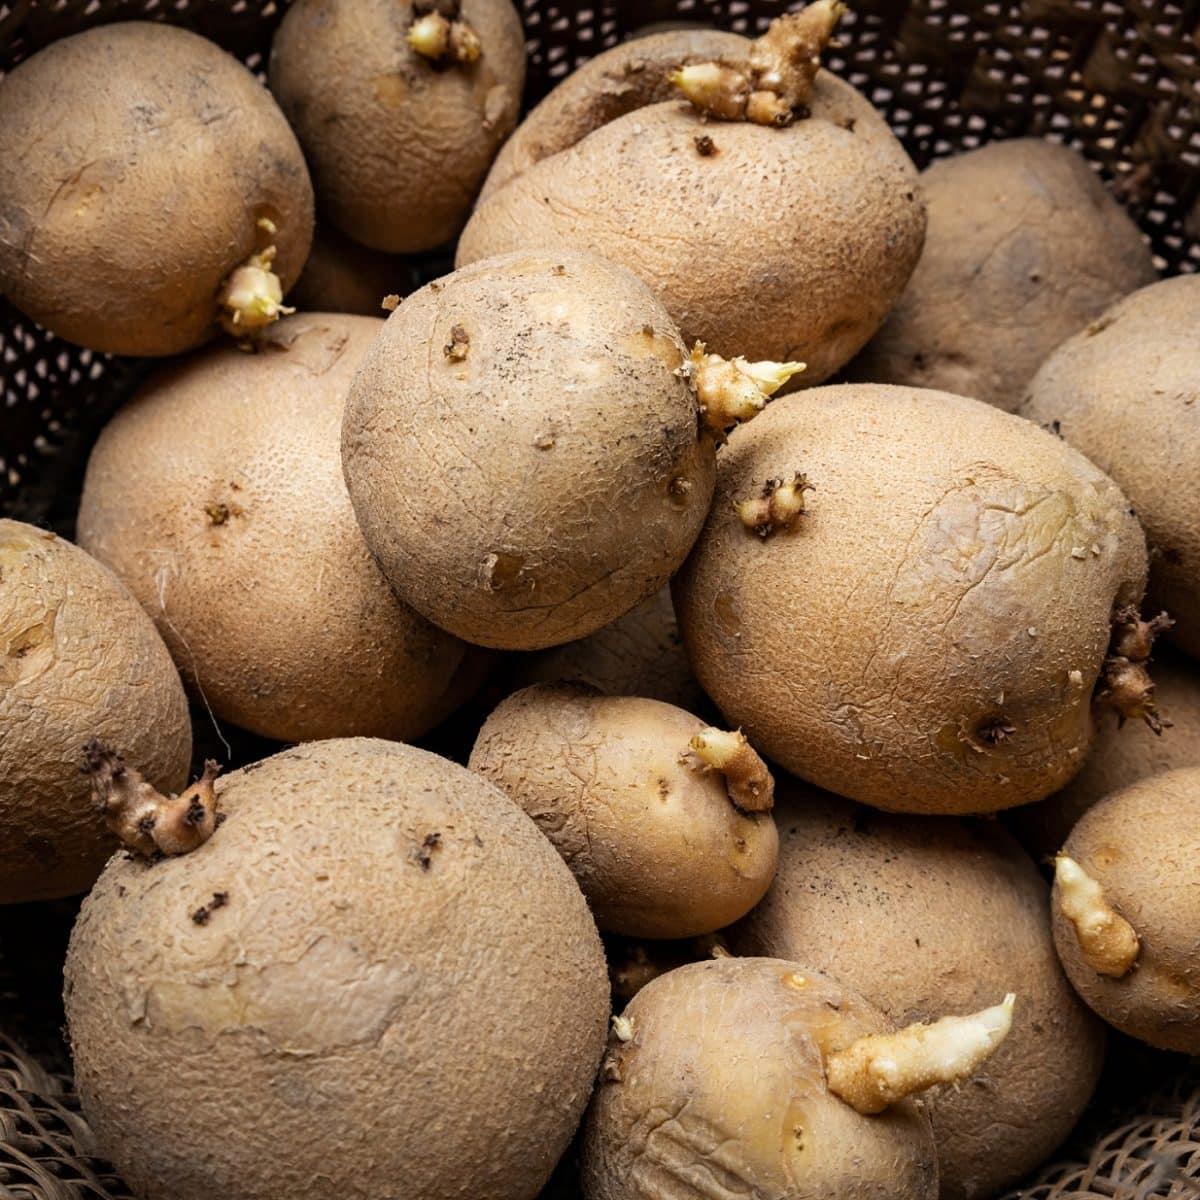 Darf man keimende Kartoffeln noch essen?